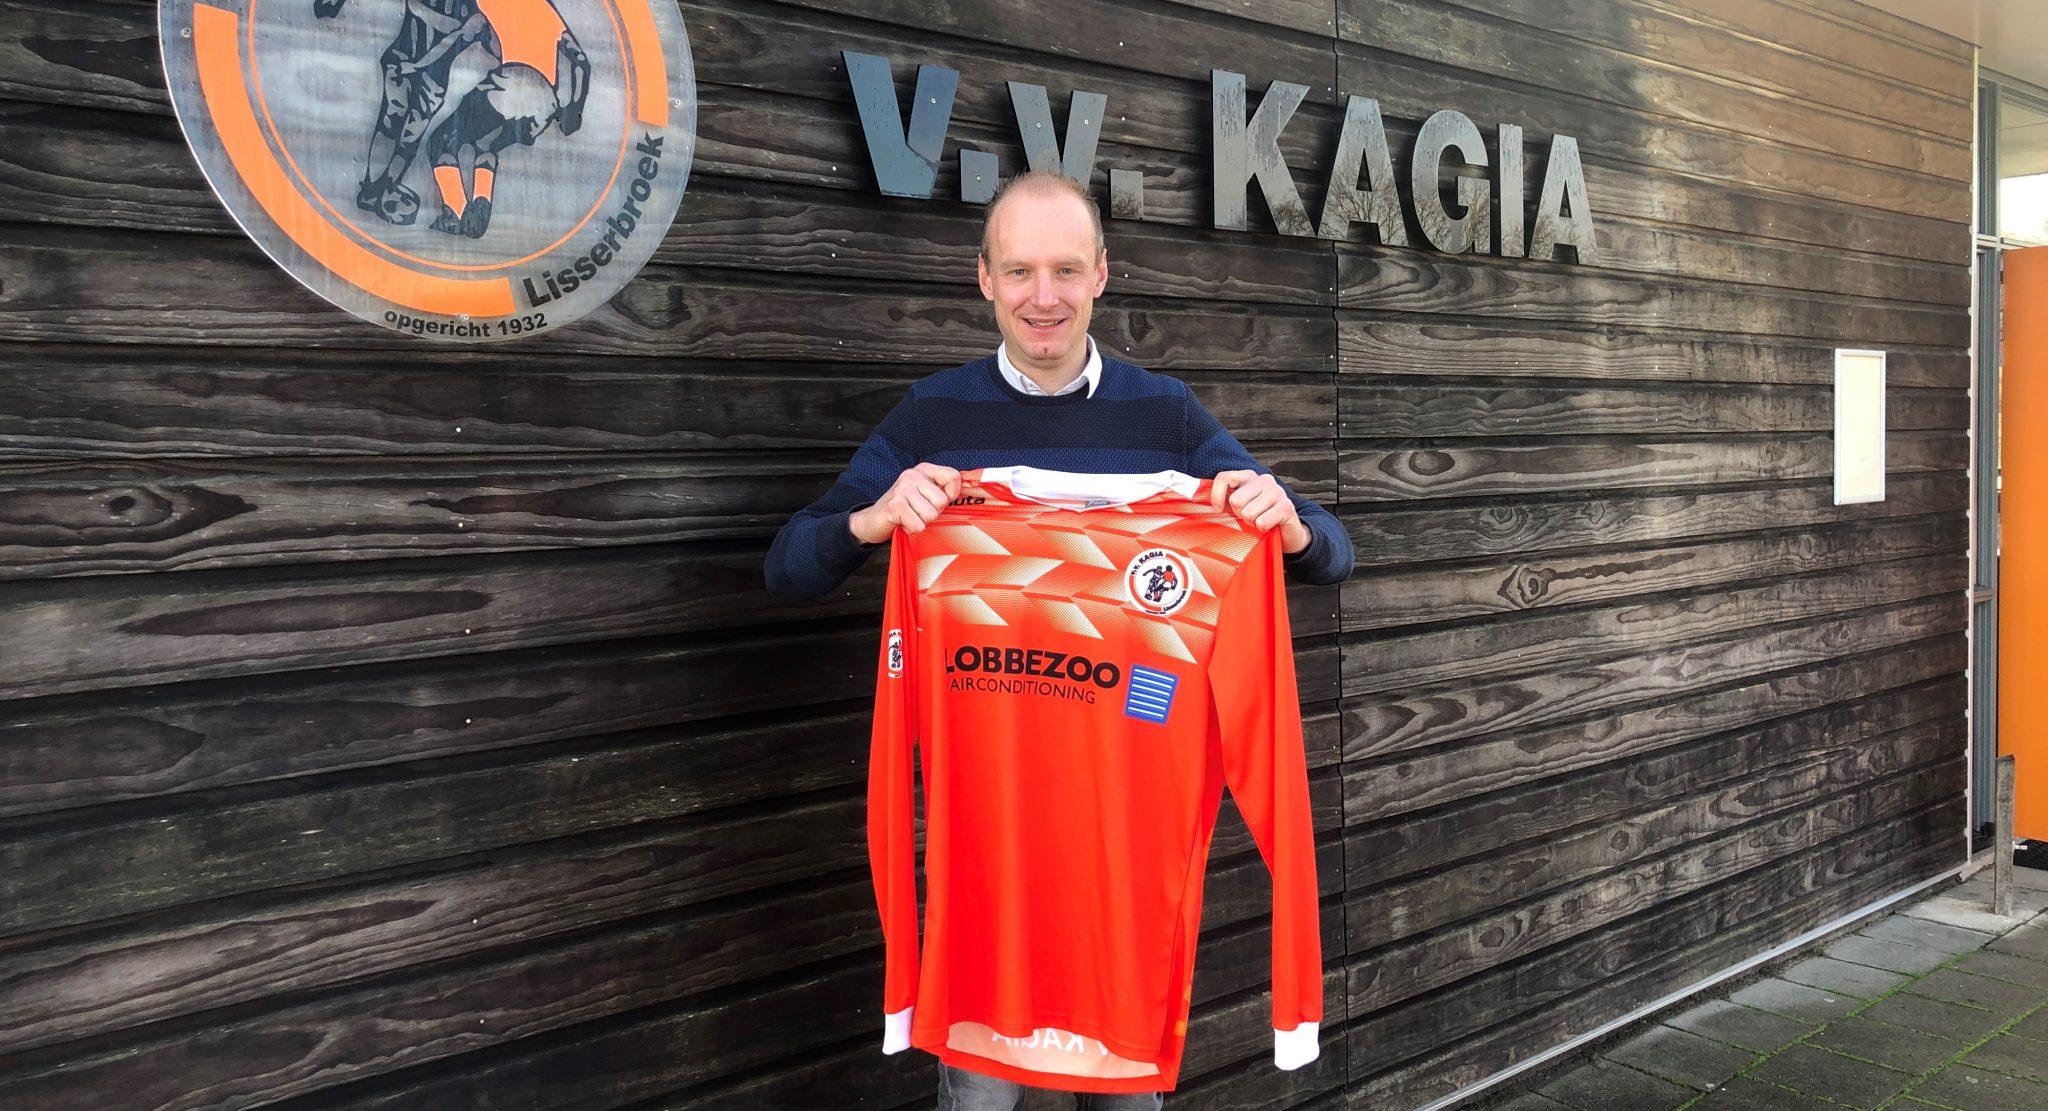 """LAV: Hein Leliveld: ,,Kagia heeft veel gelijkenissen met ROAC"""""""